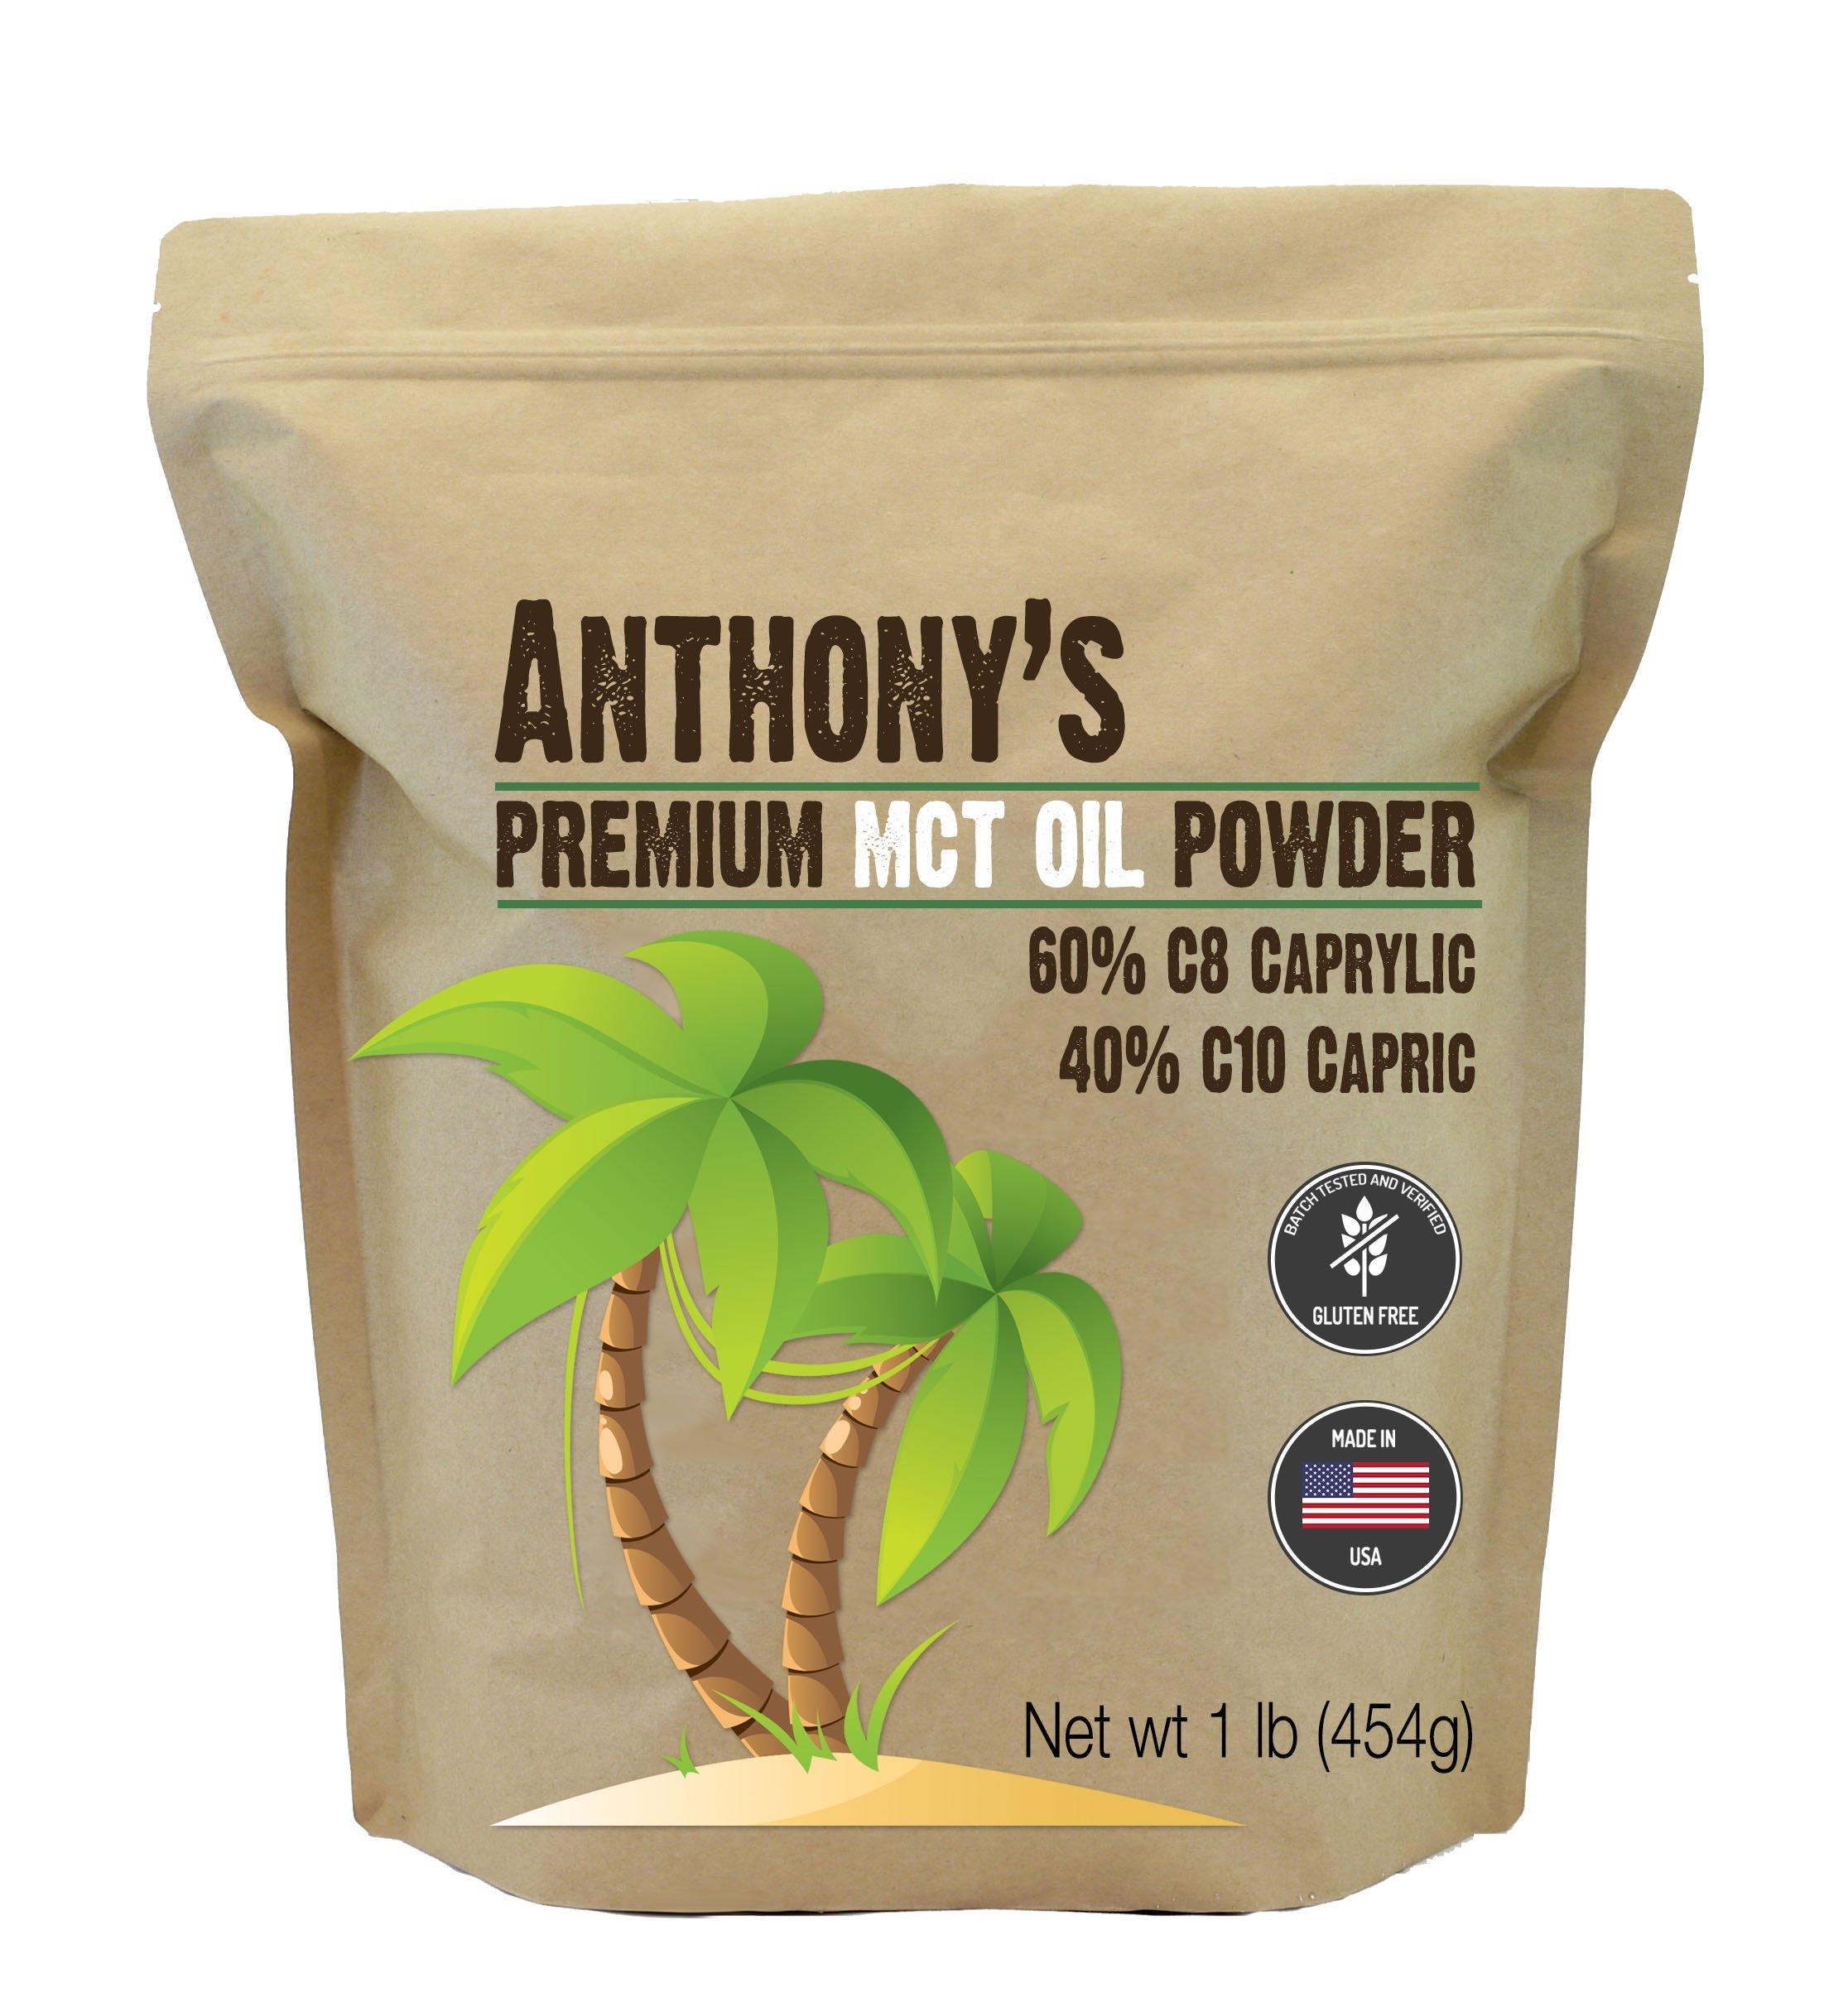 Anthony's Premium MCT Oil Powder - 60% C8 Caprylic, 40% C10 Capric (1lb)